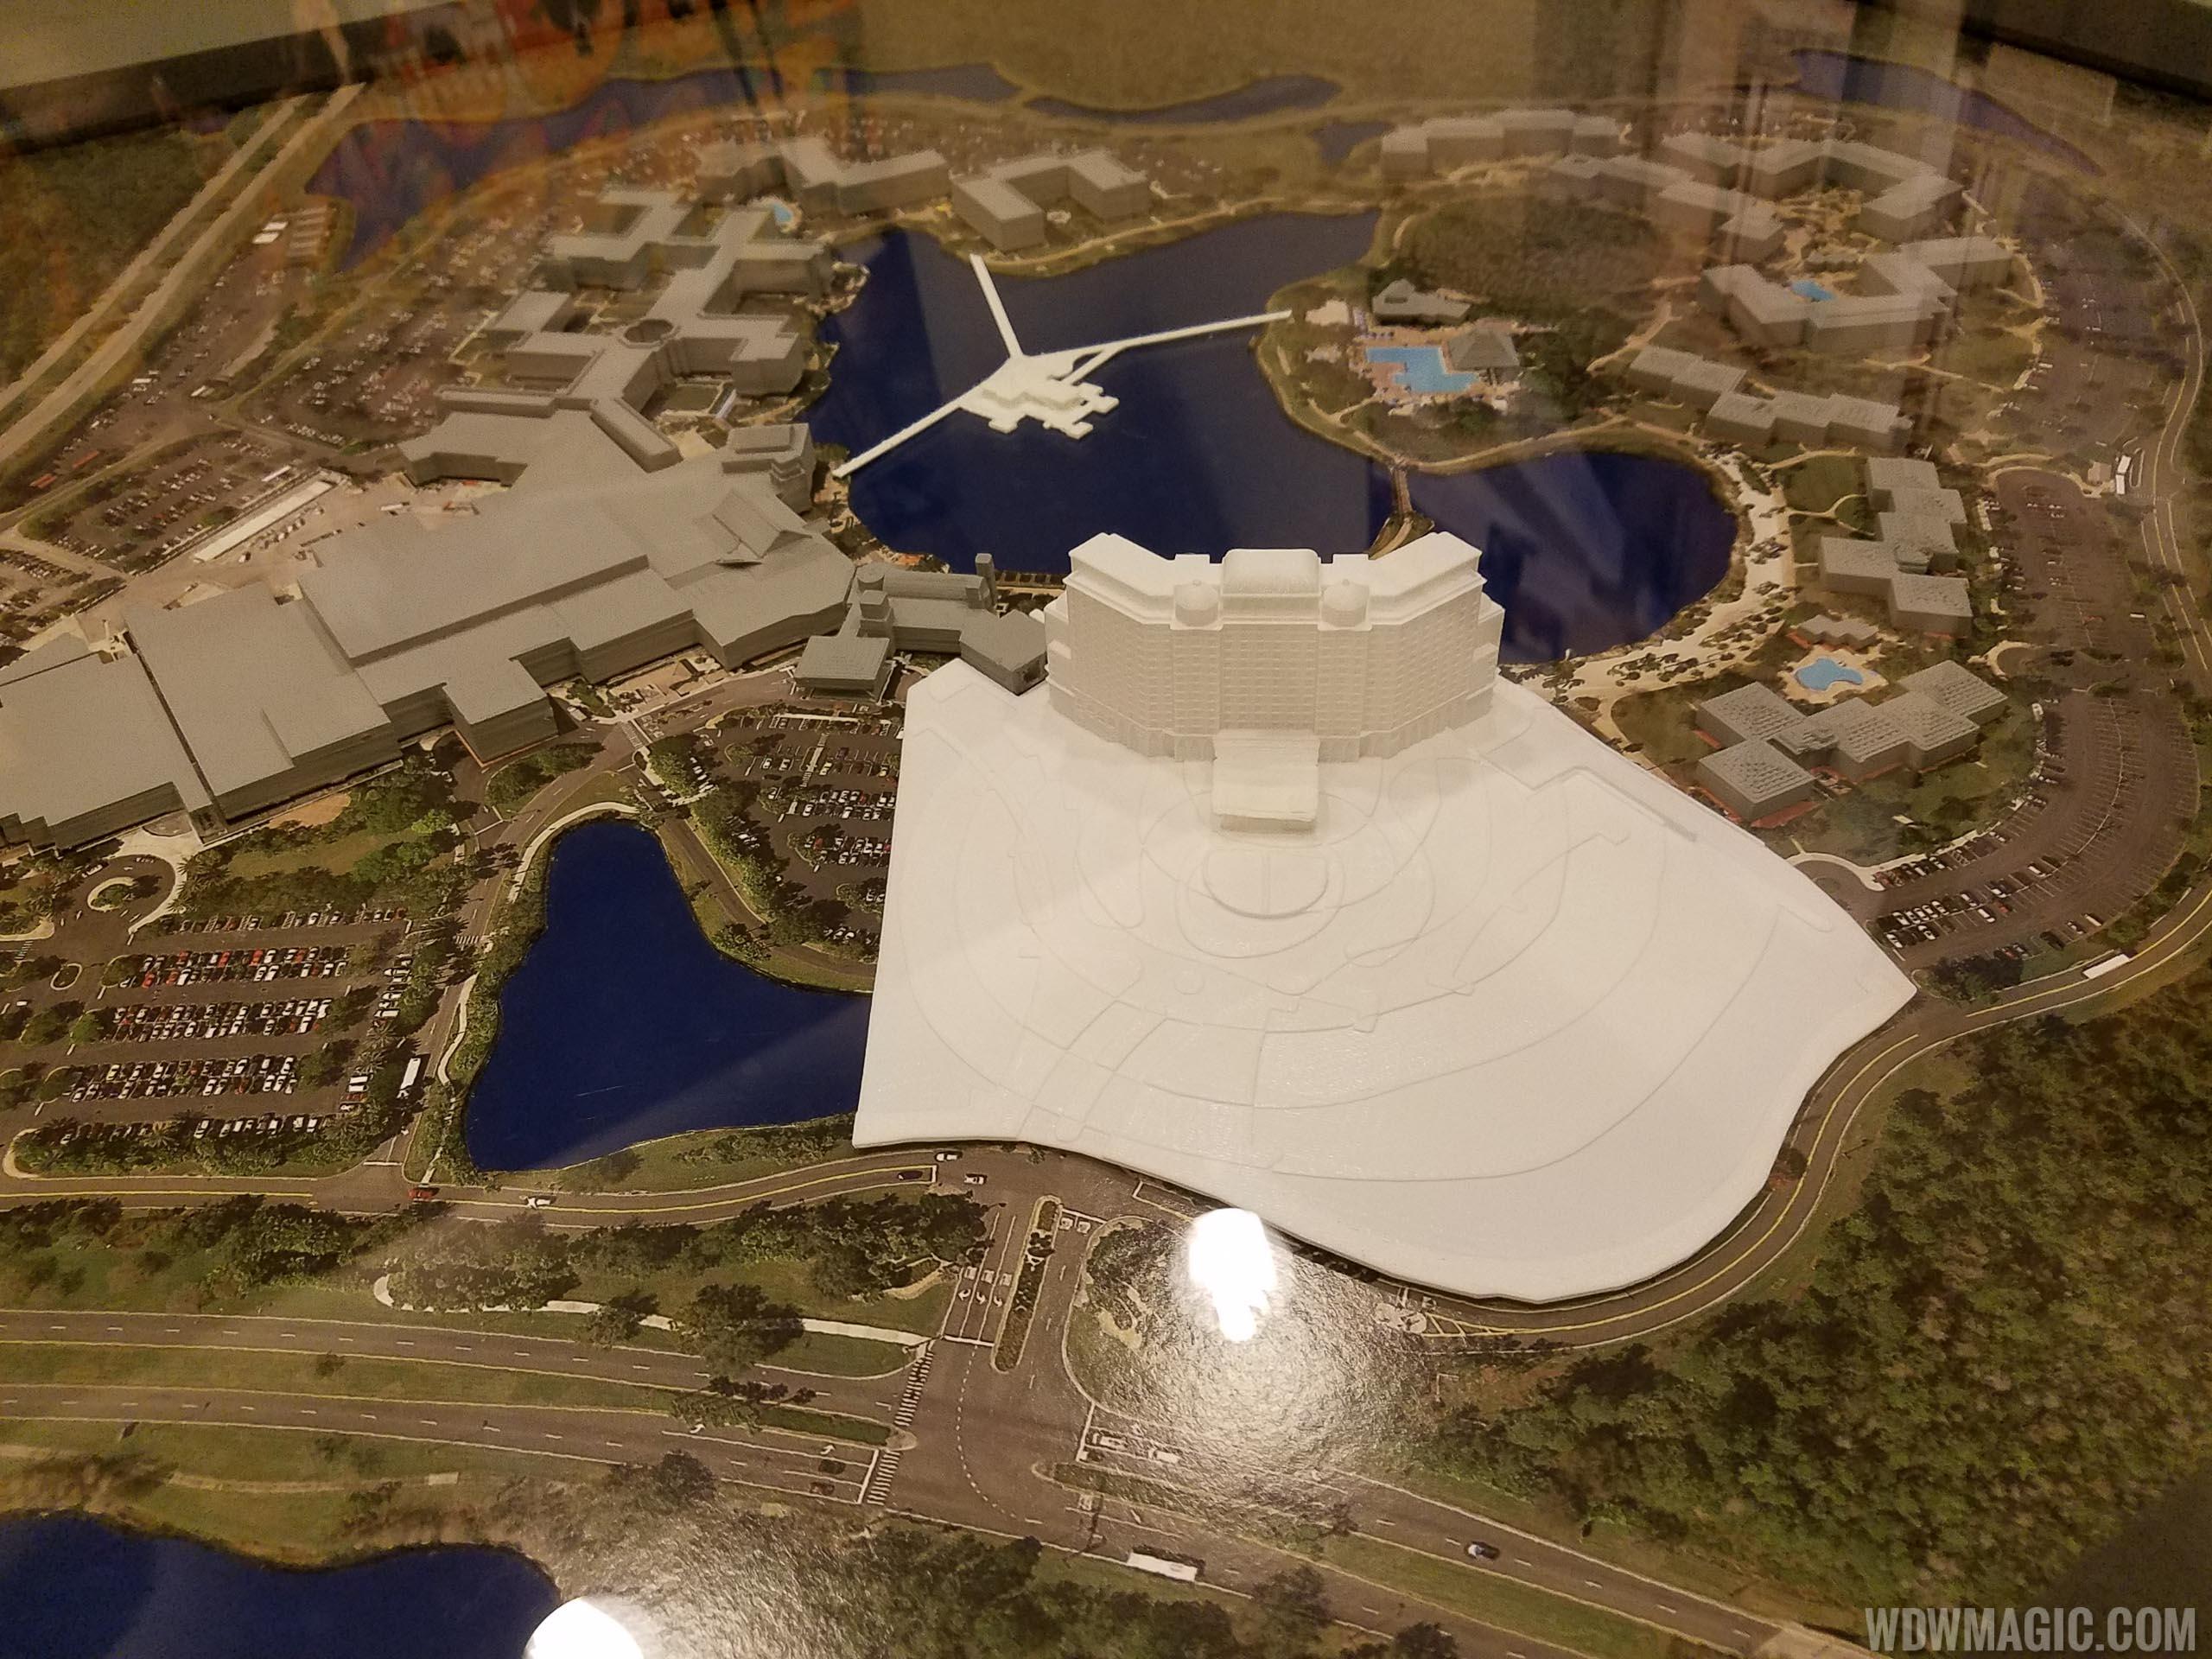 PHOTOS - Disney's Coronado Springs Resort expansion preview center